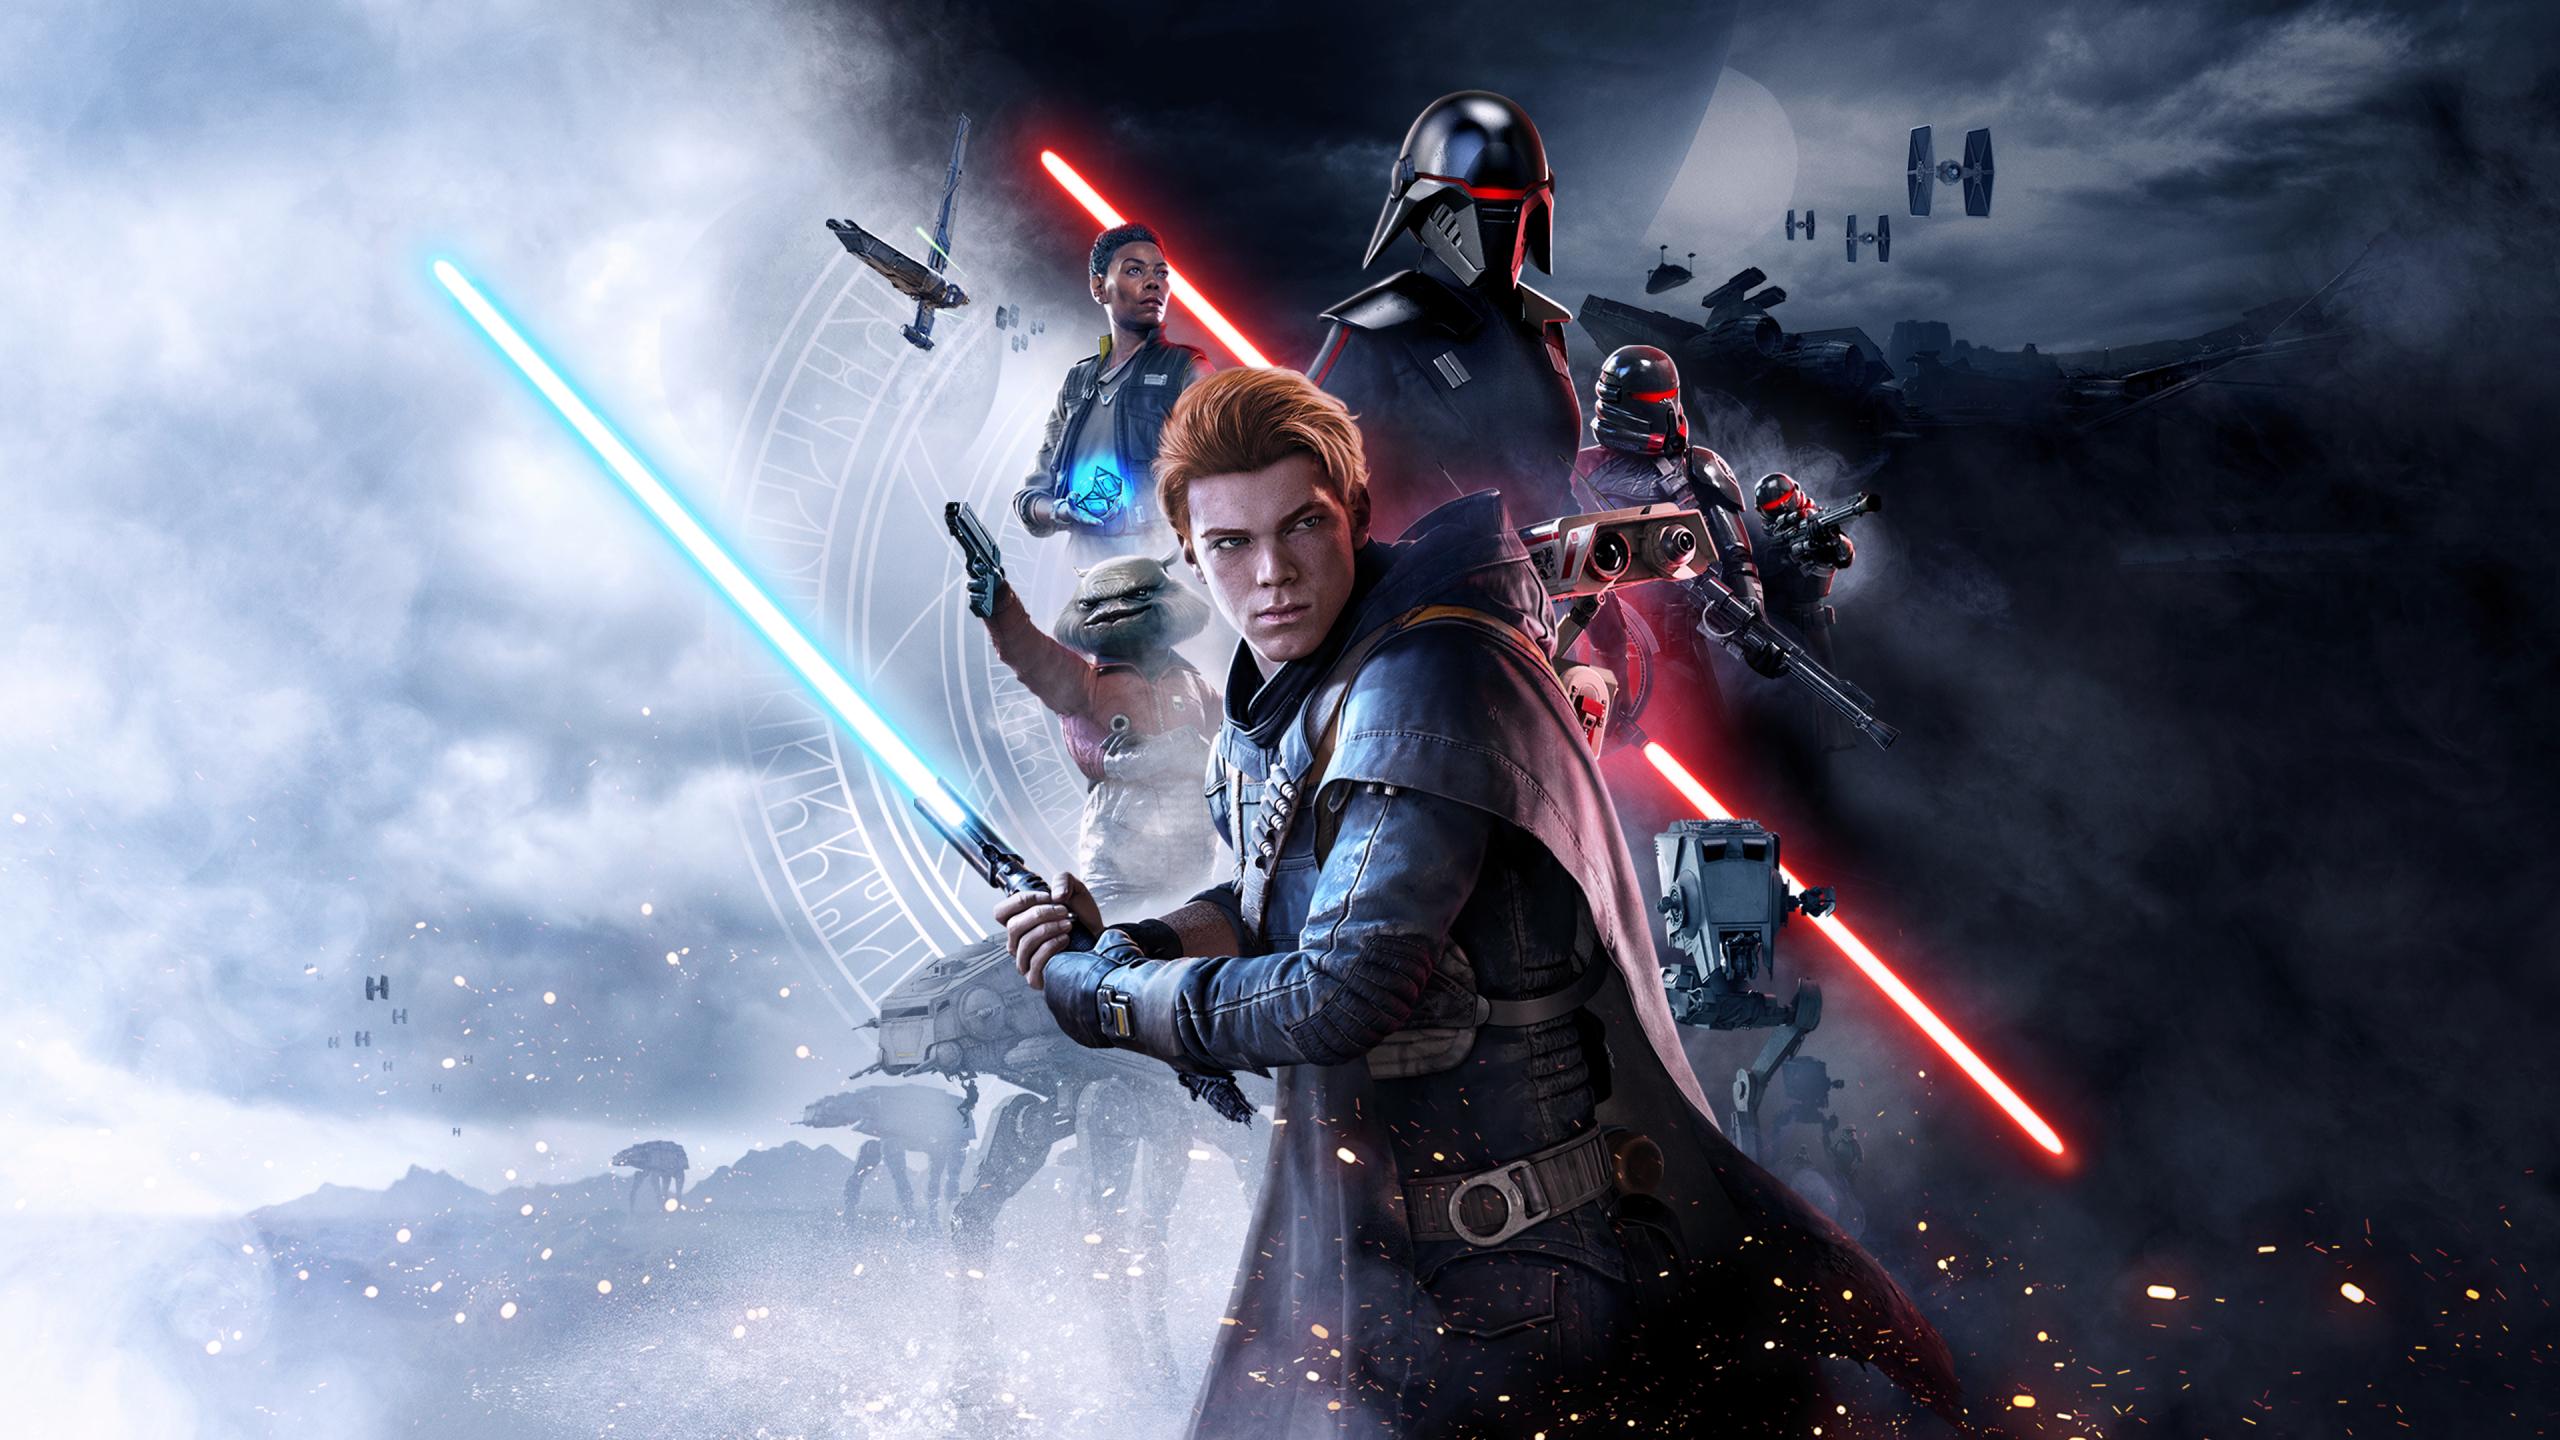 2560x1440 Star Wars Jedi Fallen Order Poster 2019 1440p Resolution